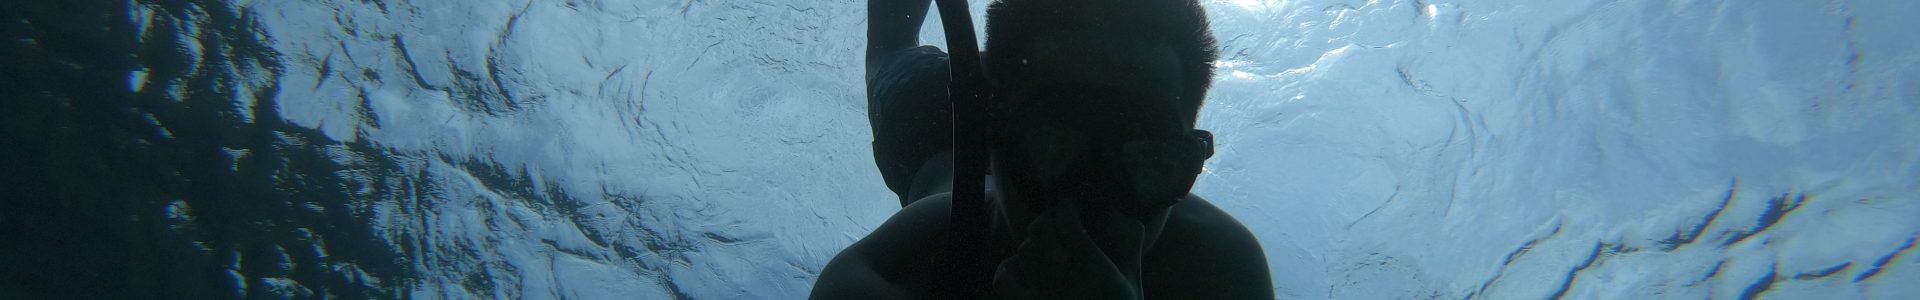 不會游泳也能潛水?從事水上活動前,先了解正確的安全觀念